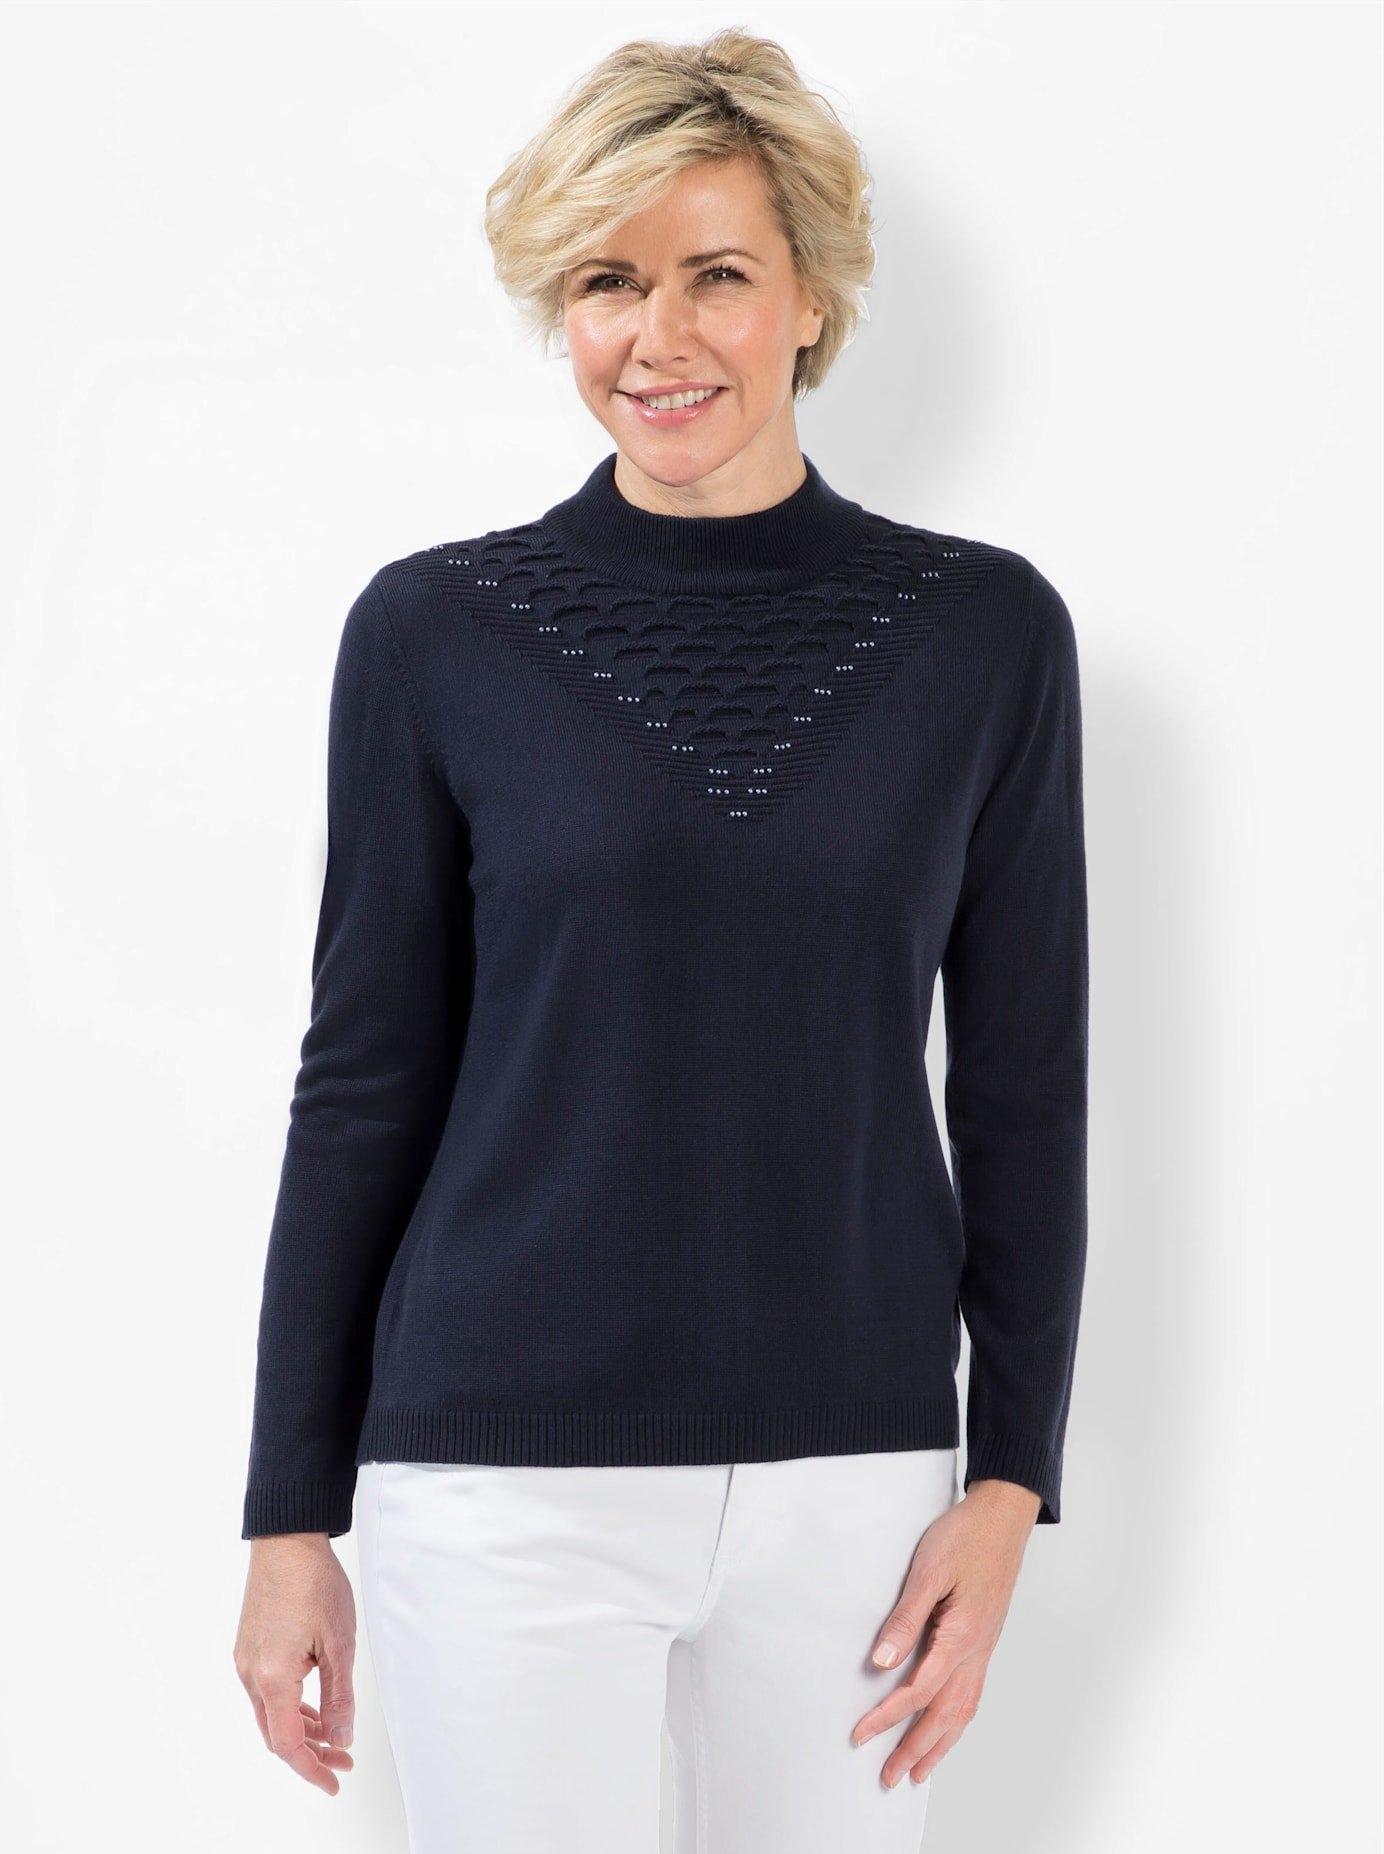 Op zoek naar een Classic gebreide trui Trui? Koop online bij OTTO